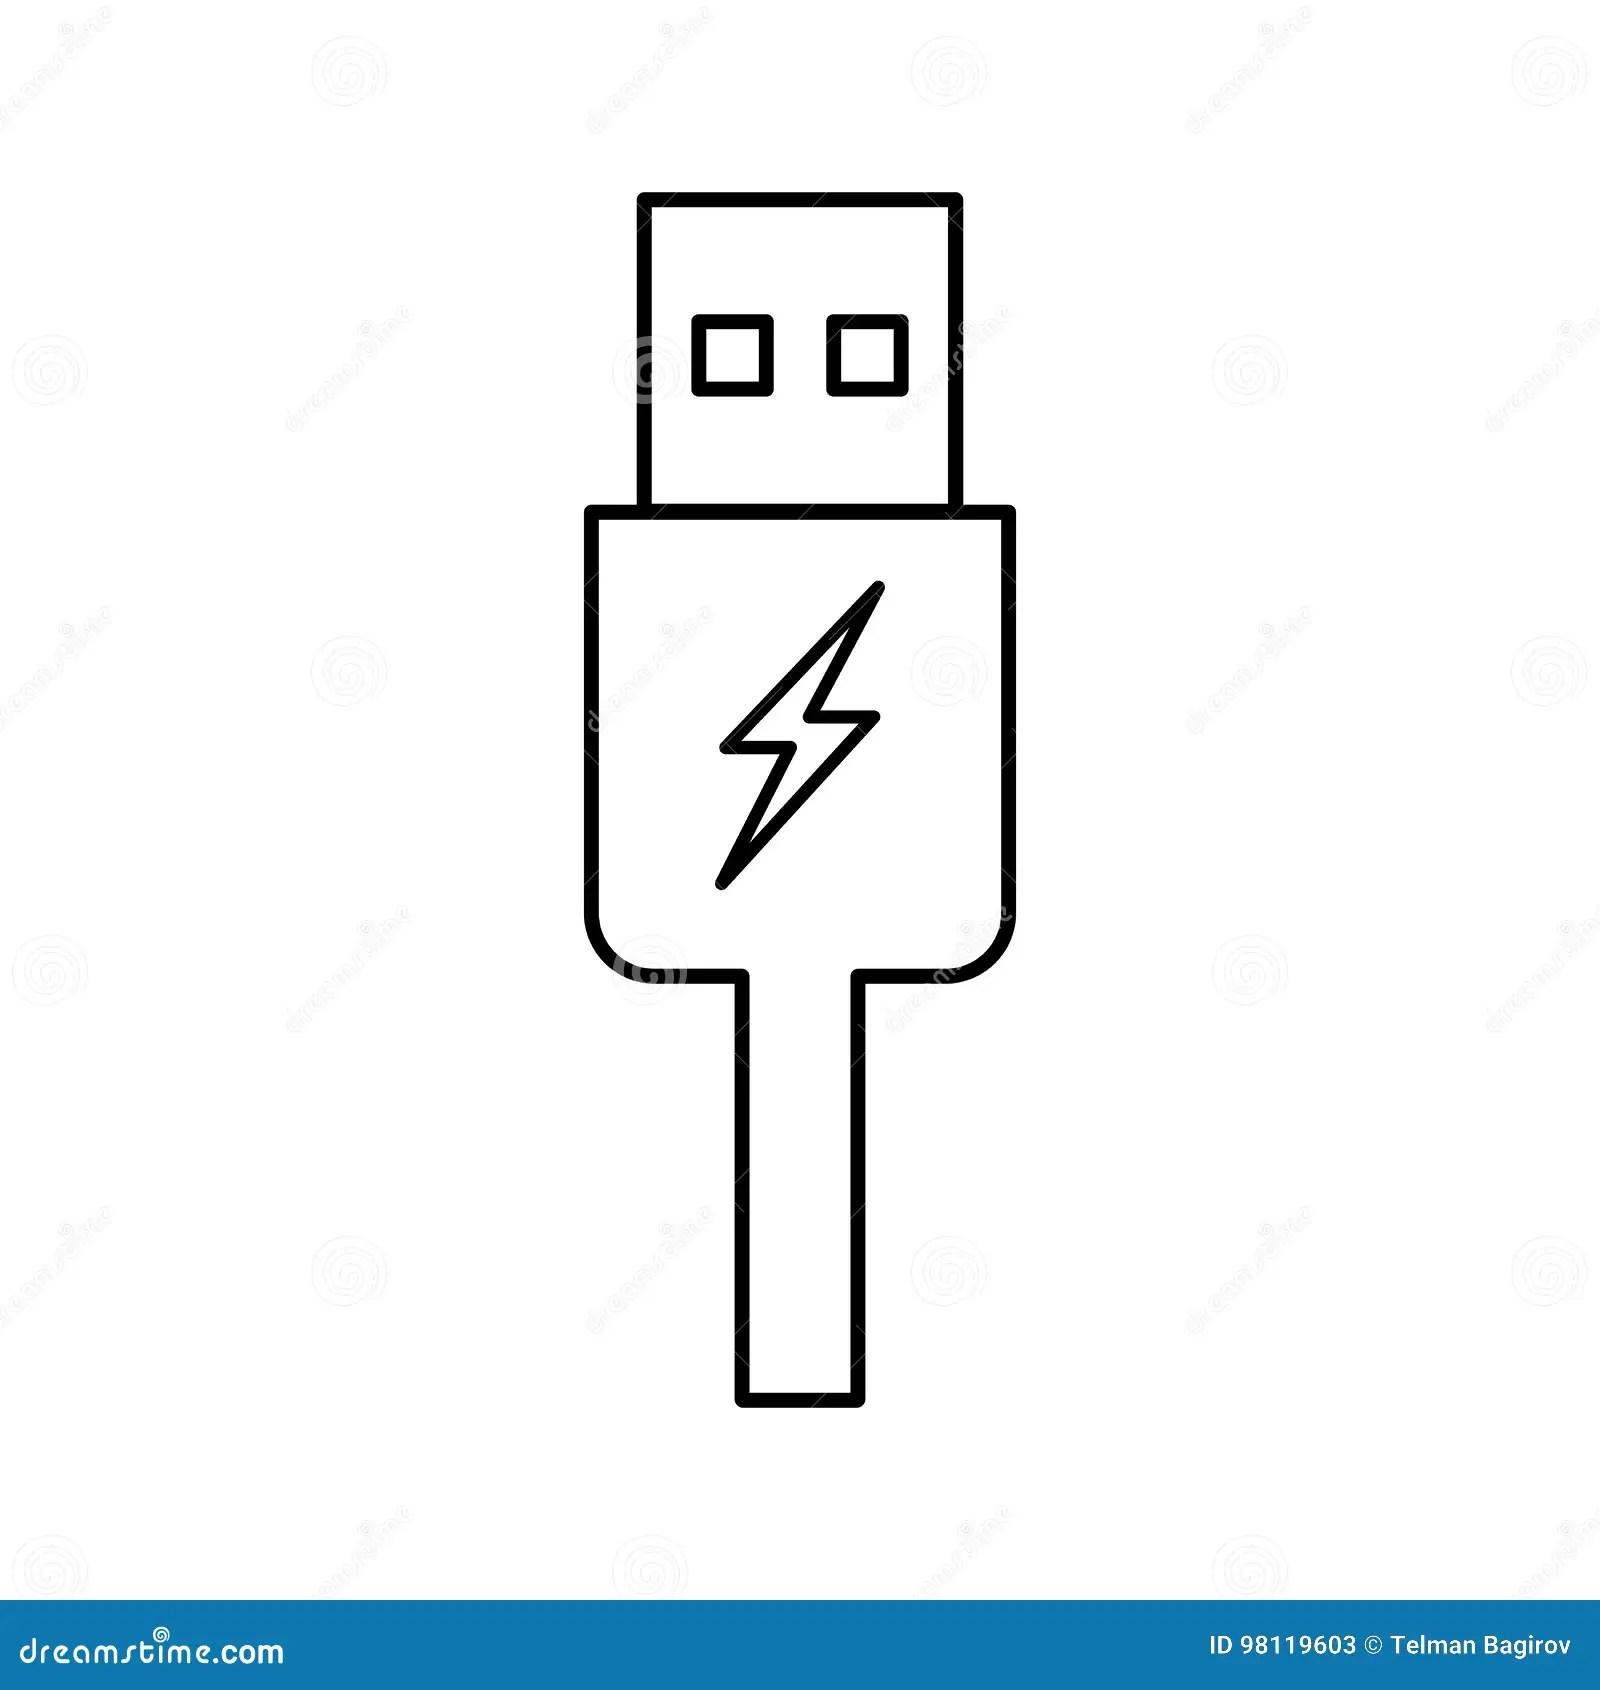 Usb Charging Plug Icon On White Background Stock